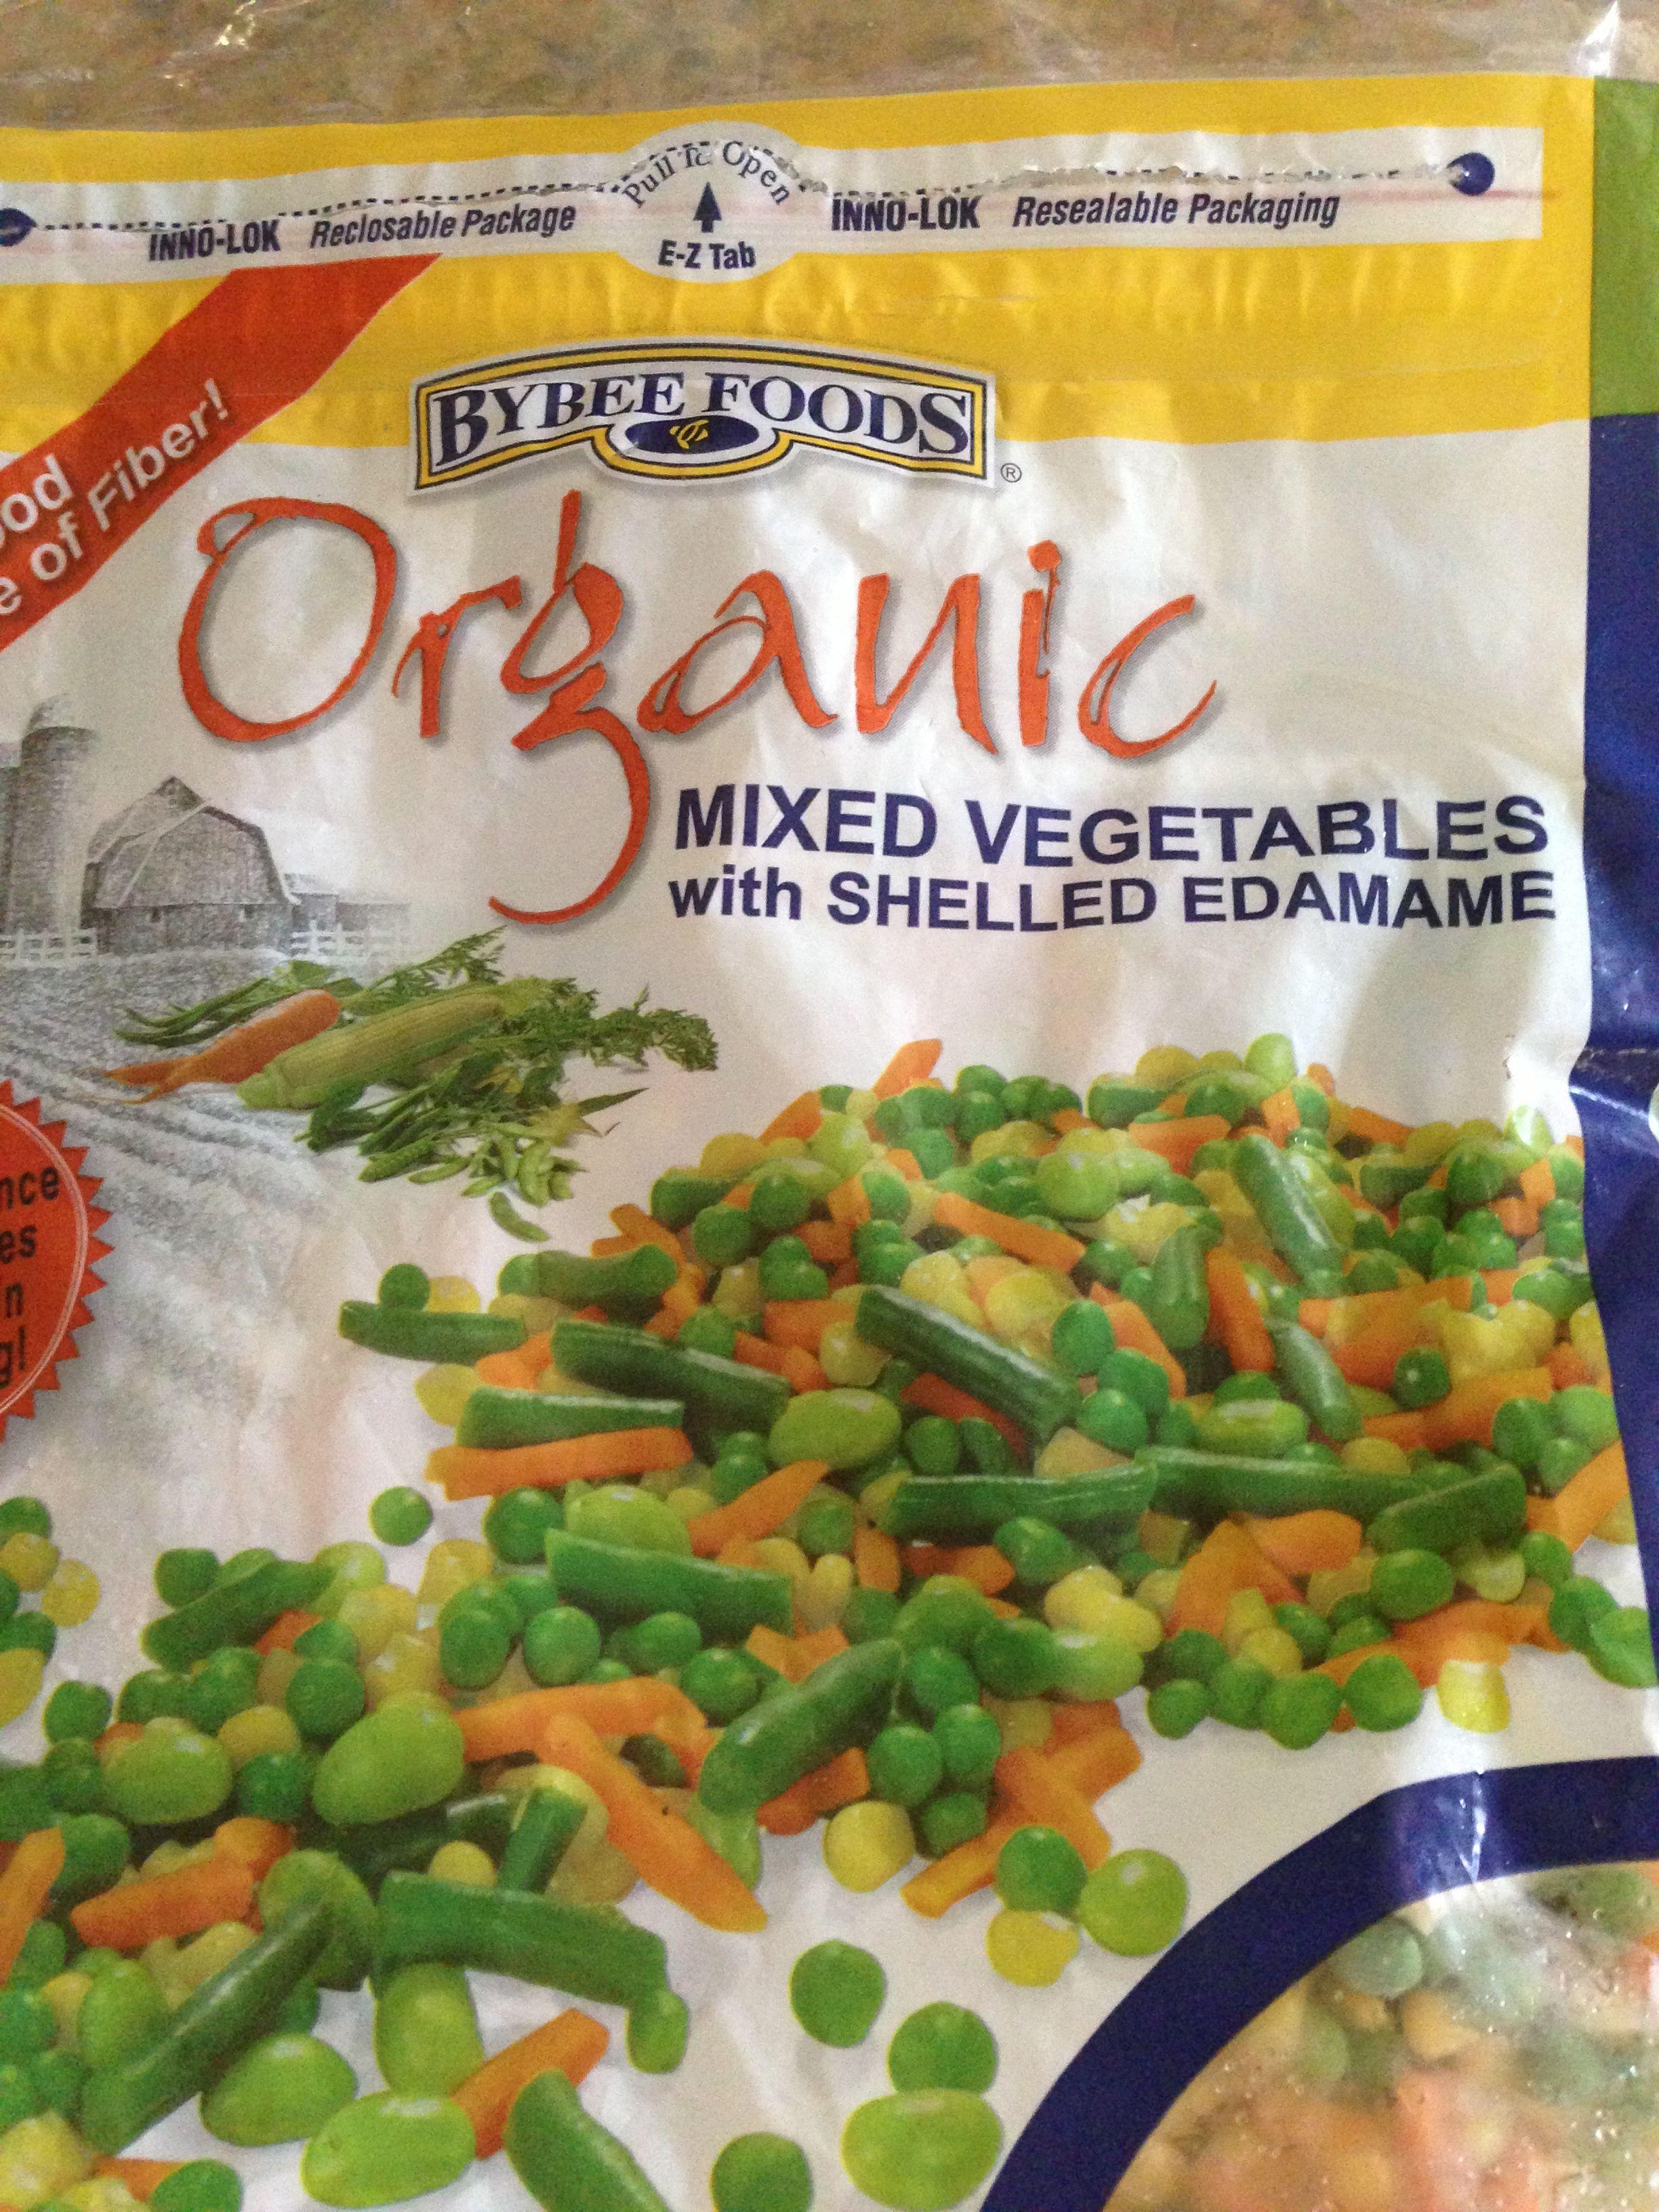 The Best Frozen Veggies From Costco Frozen Veggies Daily Meals